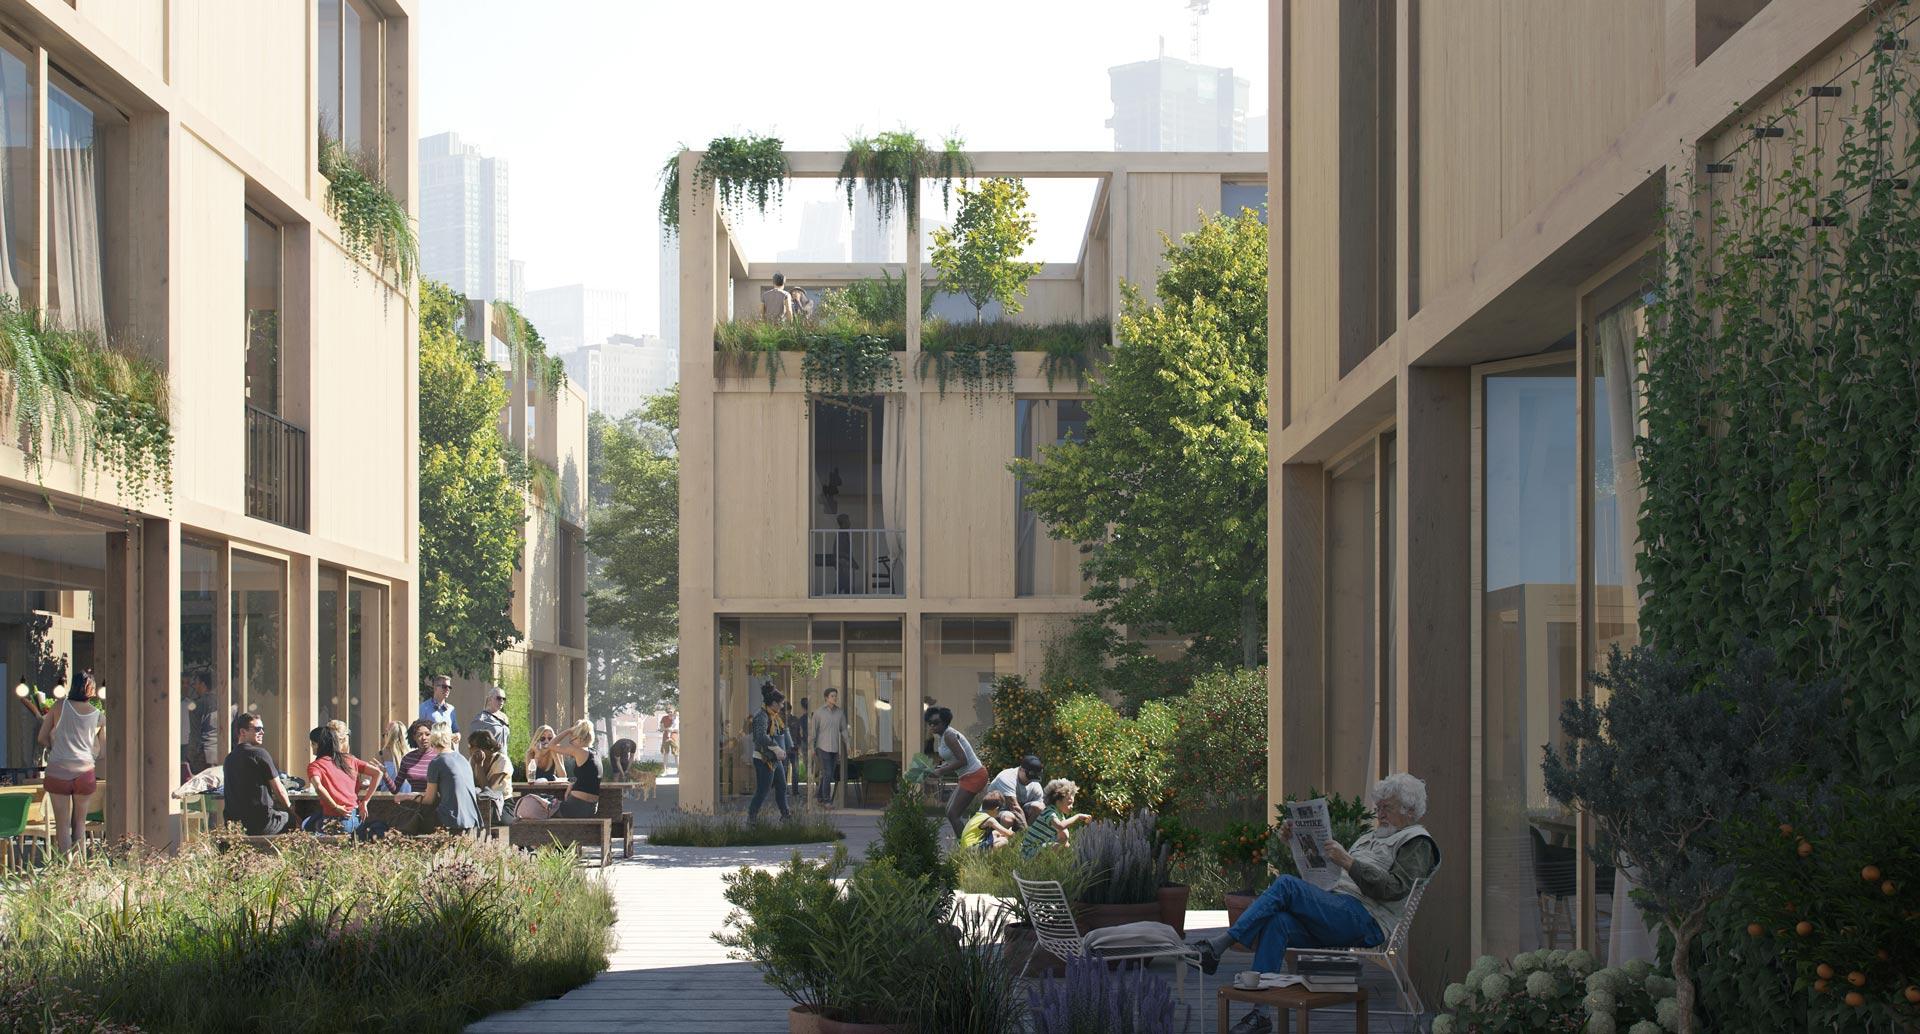 The Urban Village